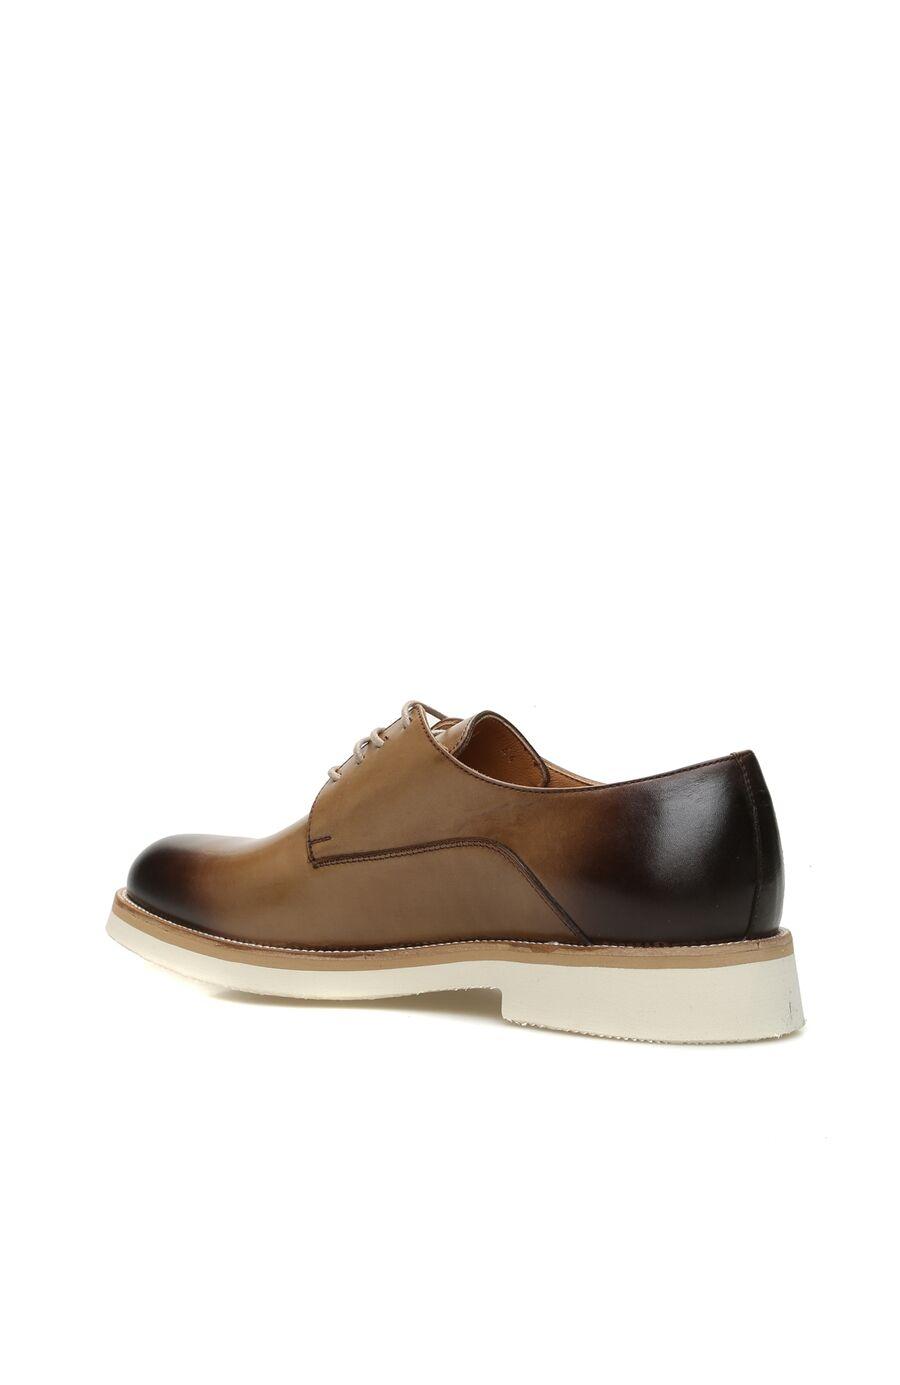 Ceviz Ayakkabı